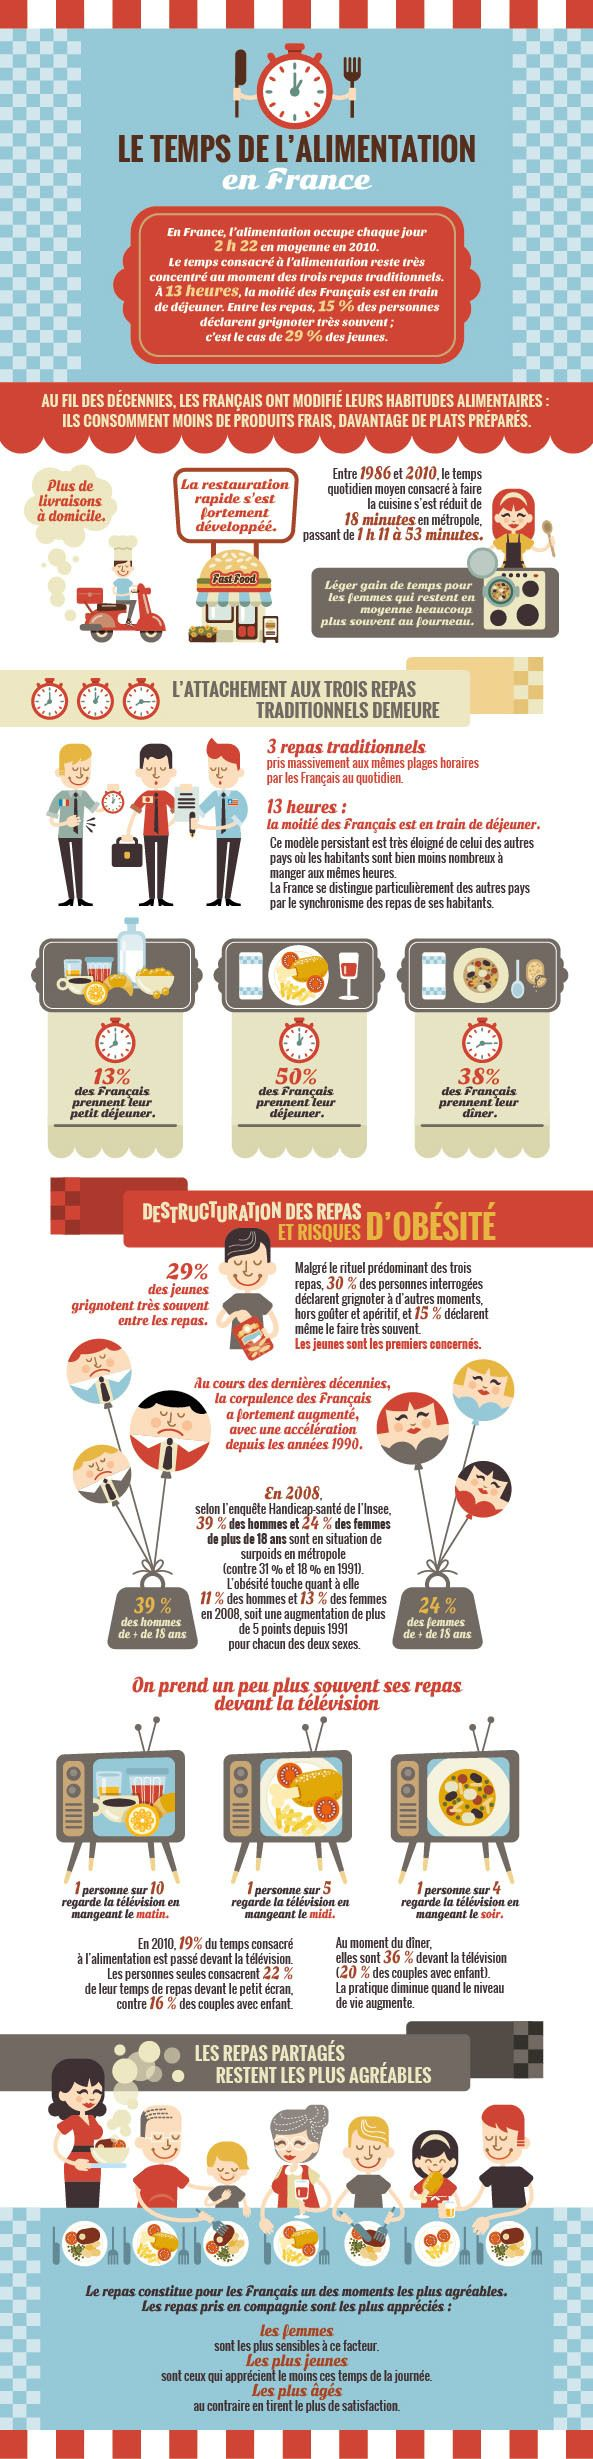 """infographie sur """"Le temps de l'alimentation en France"""""""